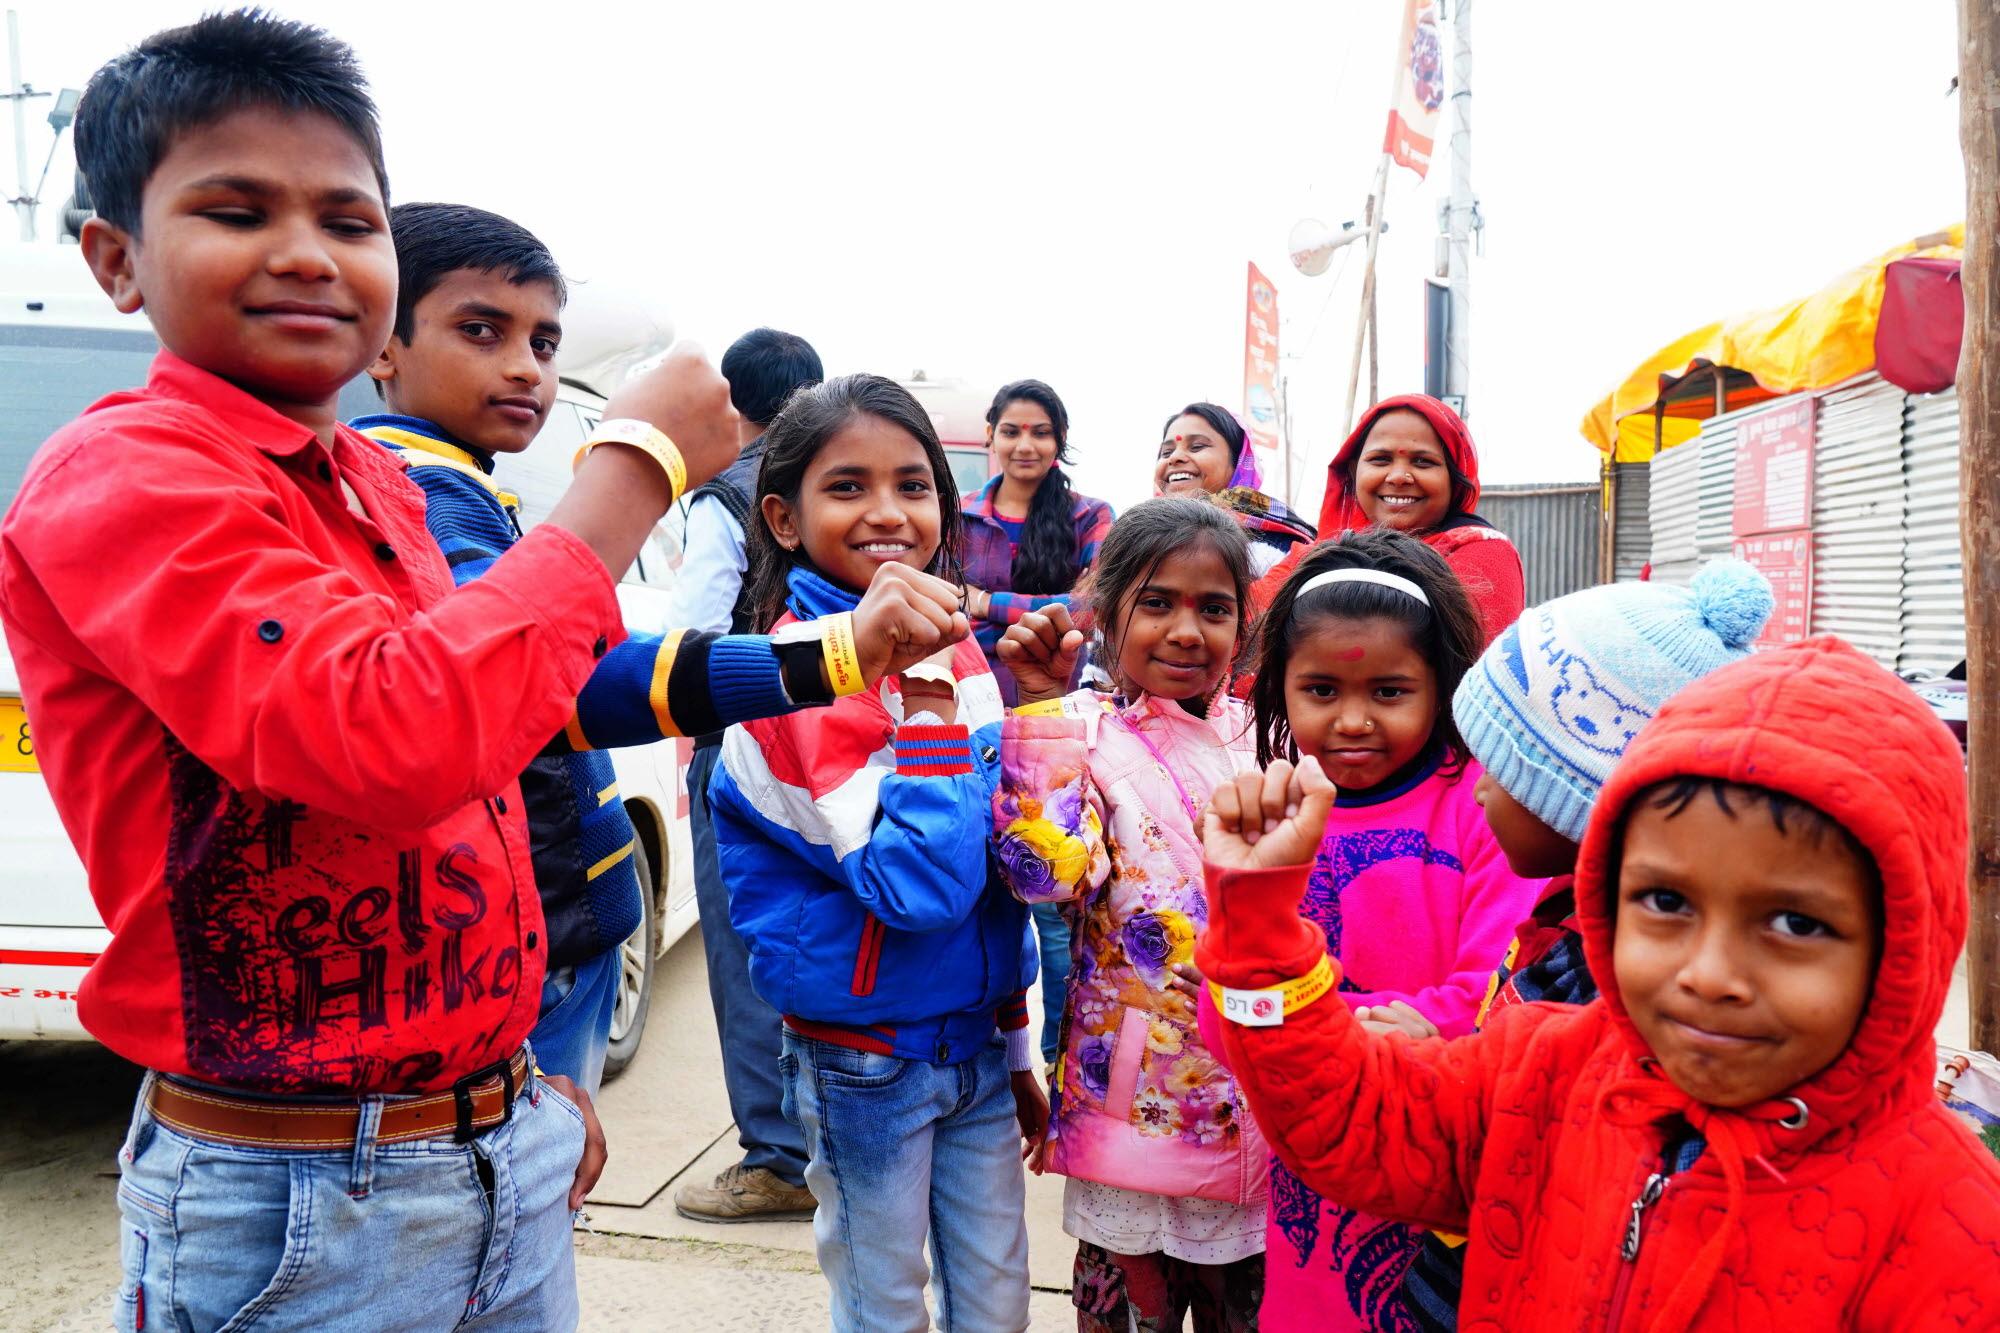 LG전자, 인도 최대 축제에서 고객 마음 사로잡았다03/04: LG전자가 지난 1월 15일부터 3월 4일까지 인도 북부 우타르 프라데시주 프라야그라지에서 열리고 있는 세계 최대 순례 축제인 '쿰브 멜라(Kumbh Mela)'에서 미아 방지용 손목밴드 10만 개를 어린 아이는 물론 노인들에게도 무료로 배포하고 있다. 현지 아이들이 미아 방지용 손목밴드를 차고 있는 모습.